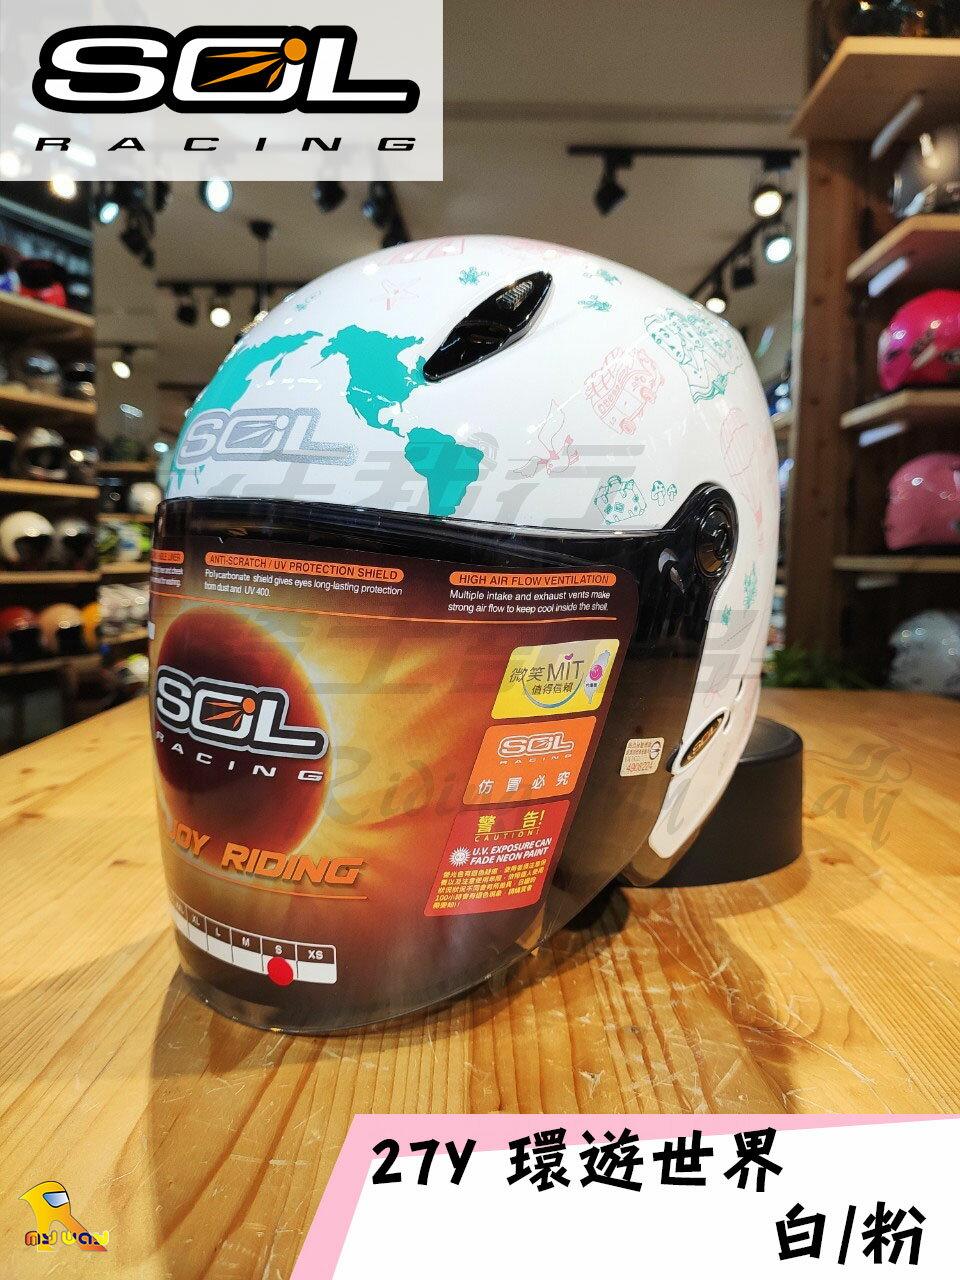 任我行騎士部品 SOL 27Y 環遊世界 小帽體 女生適用 3/4罩 安全帽 DOT 白粉